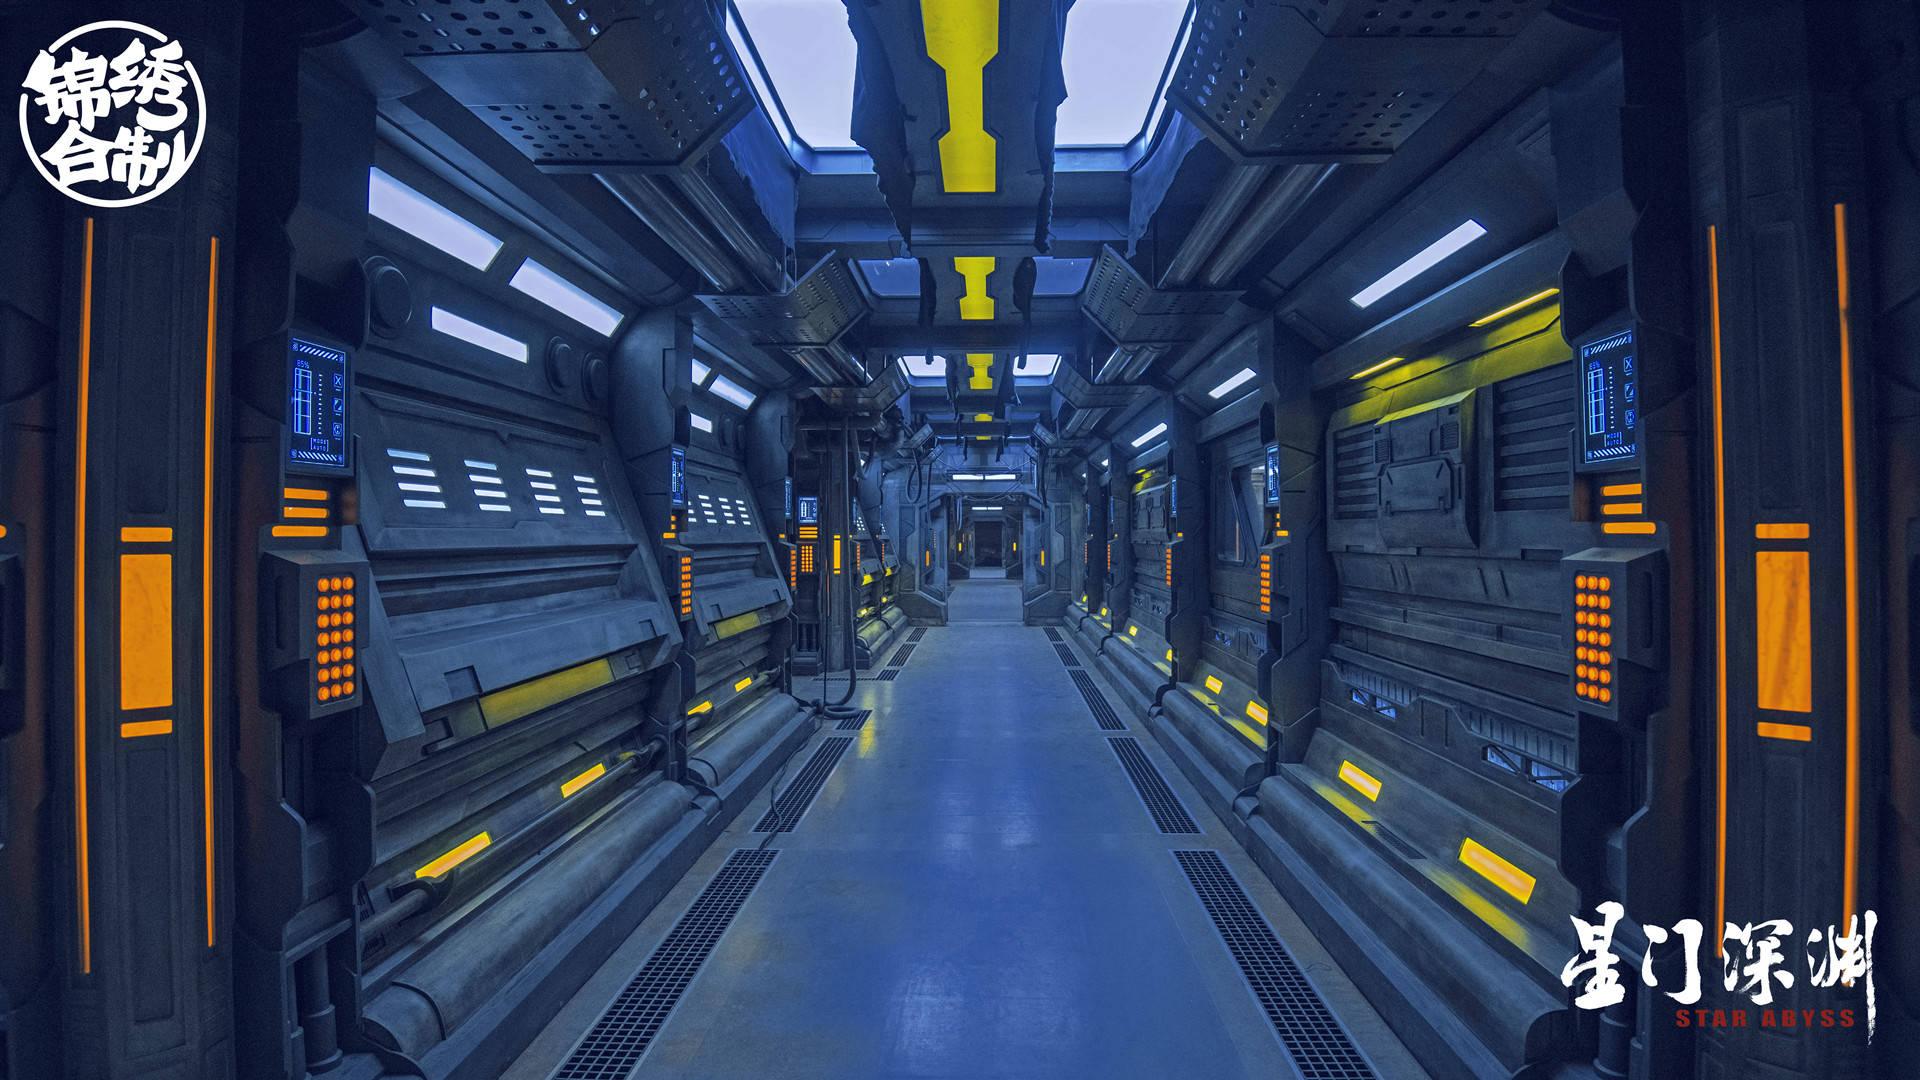 《星门深渊》:回家,中国科幻电影经久不衰的精神内核